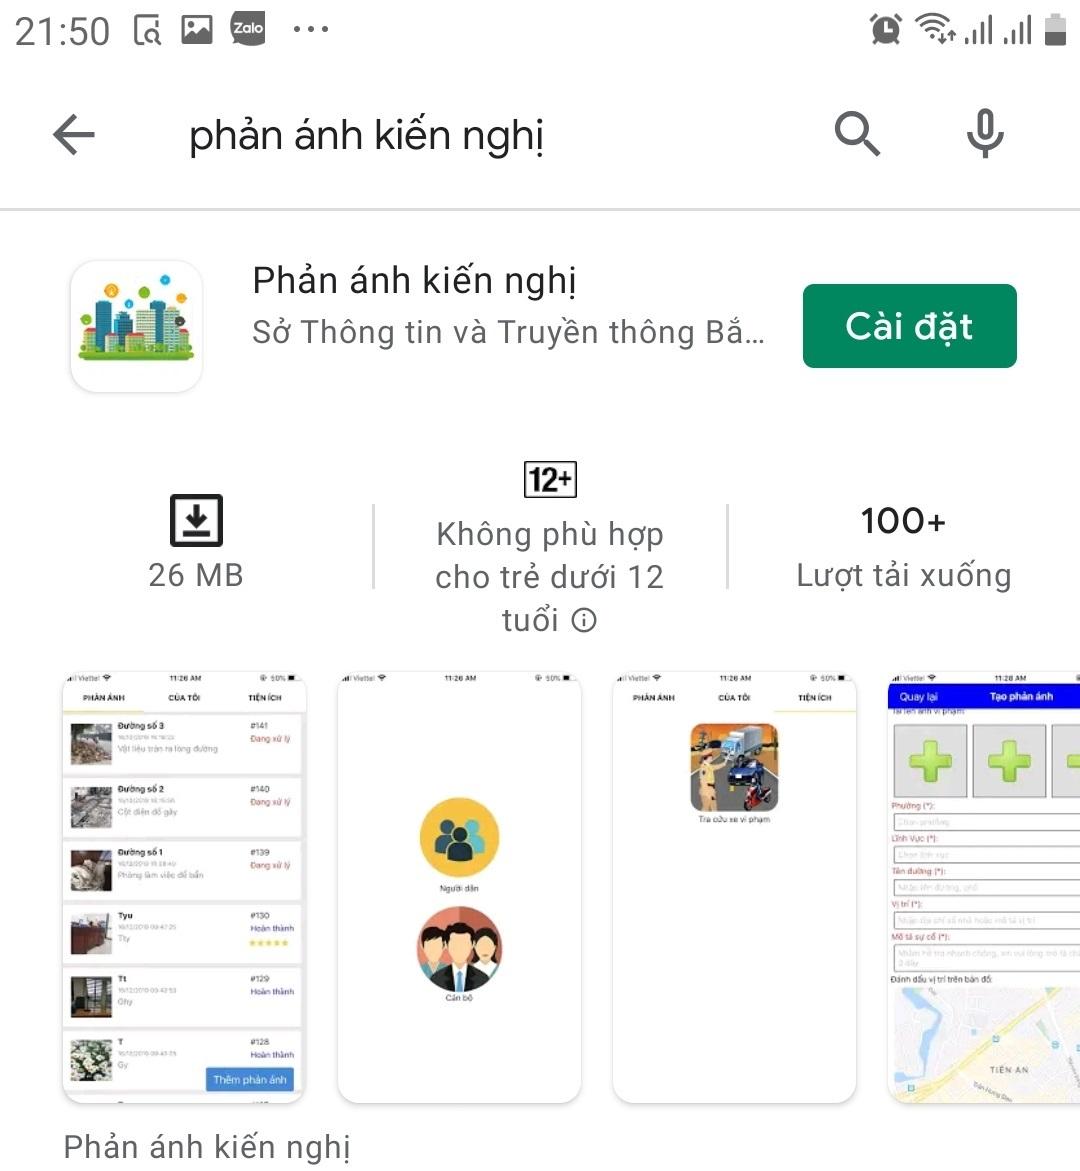 Cách tải về và cài đặt ứng dụng 'Phản ánh - Kiến nghị' ở Bắc Ninh